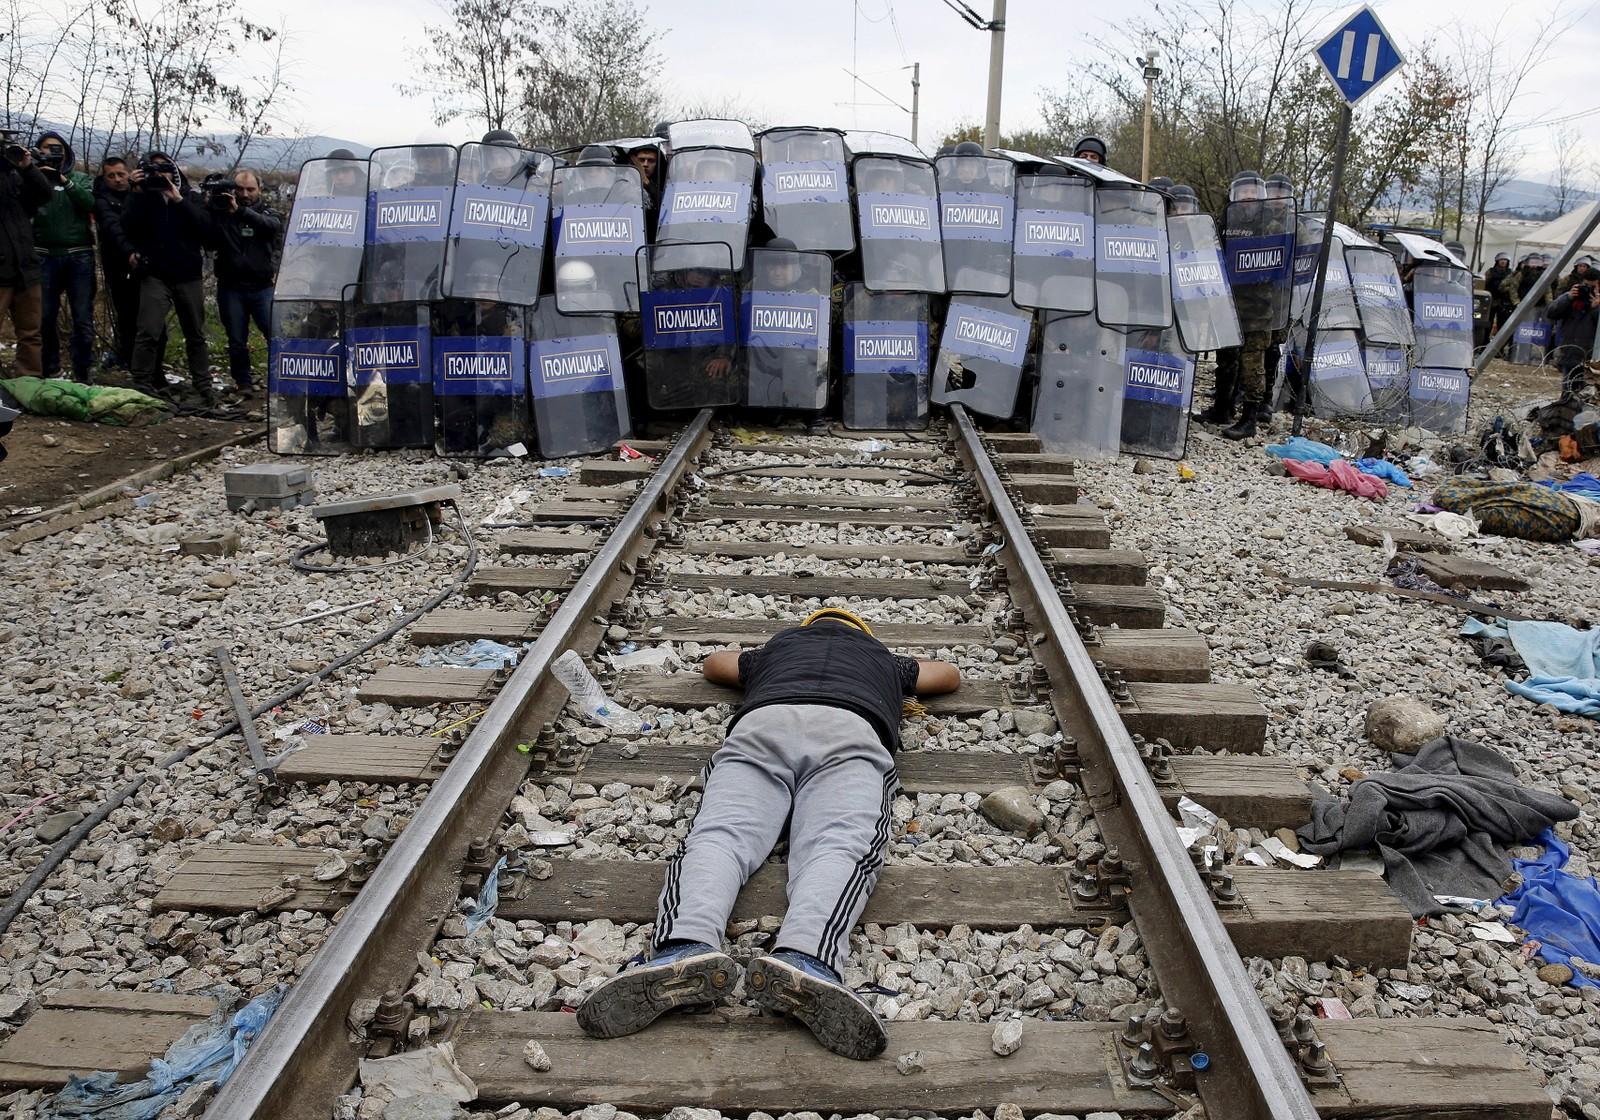 En flyktning fra Iran legger seg foran det makedonske politiet ved grensa mellom Hellas og Makedonia. Opptøyer brøt ut etter at en ung flyktning skal ha dødd av elektrosjokk da han skulle krysse toglinja.